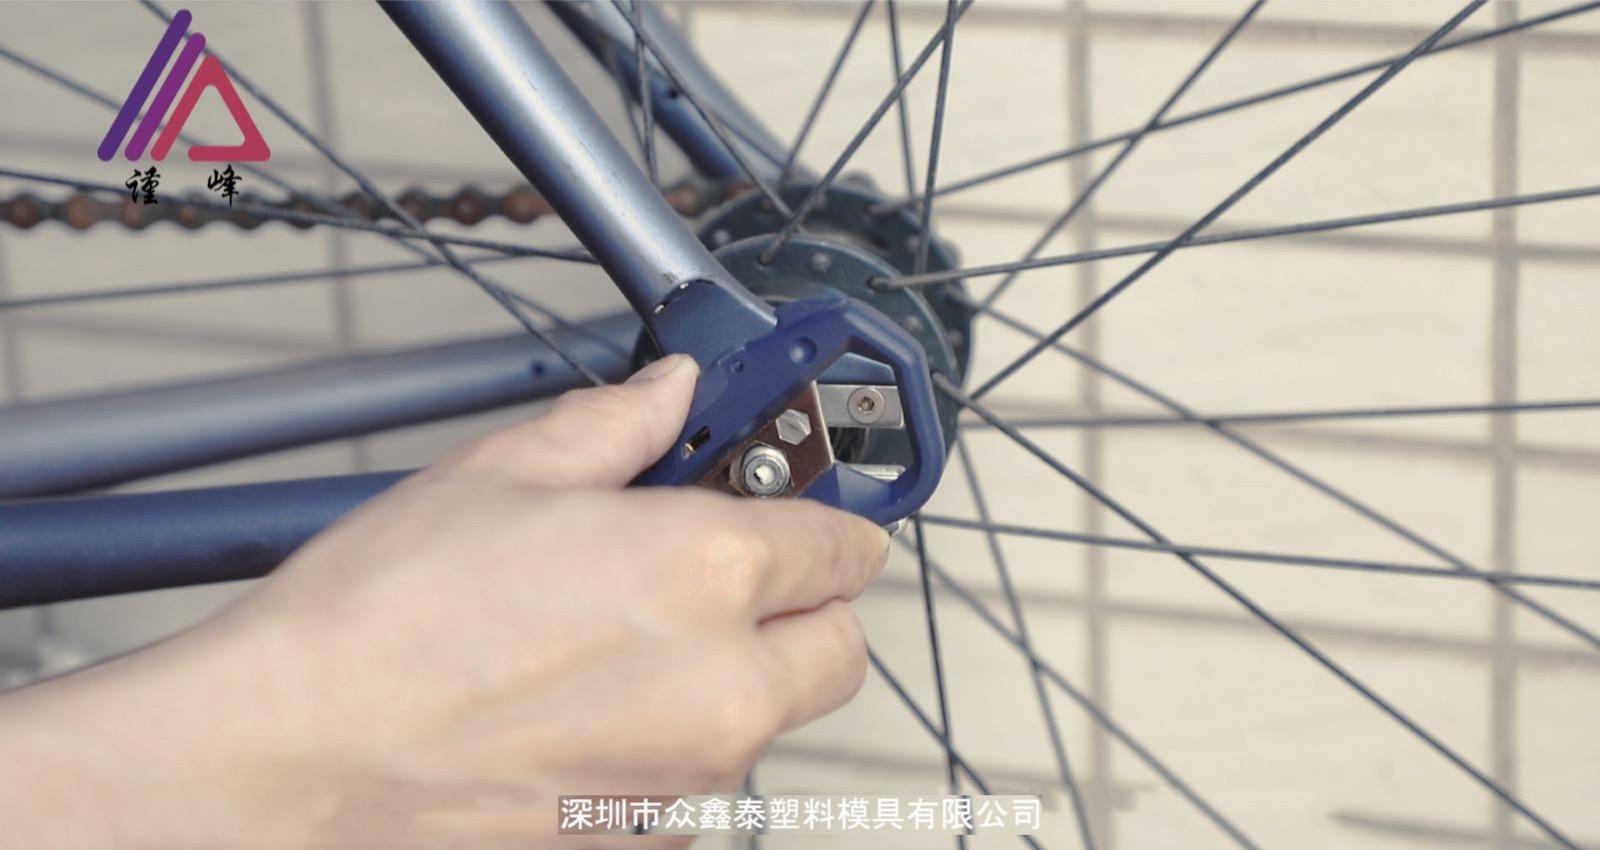 内六角扳手厂家 自行车装卸组合工具 内六角螺丝刀 套筒扳手多功能修理工具厂家